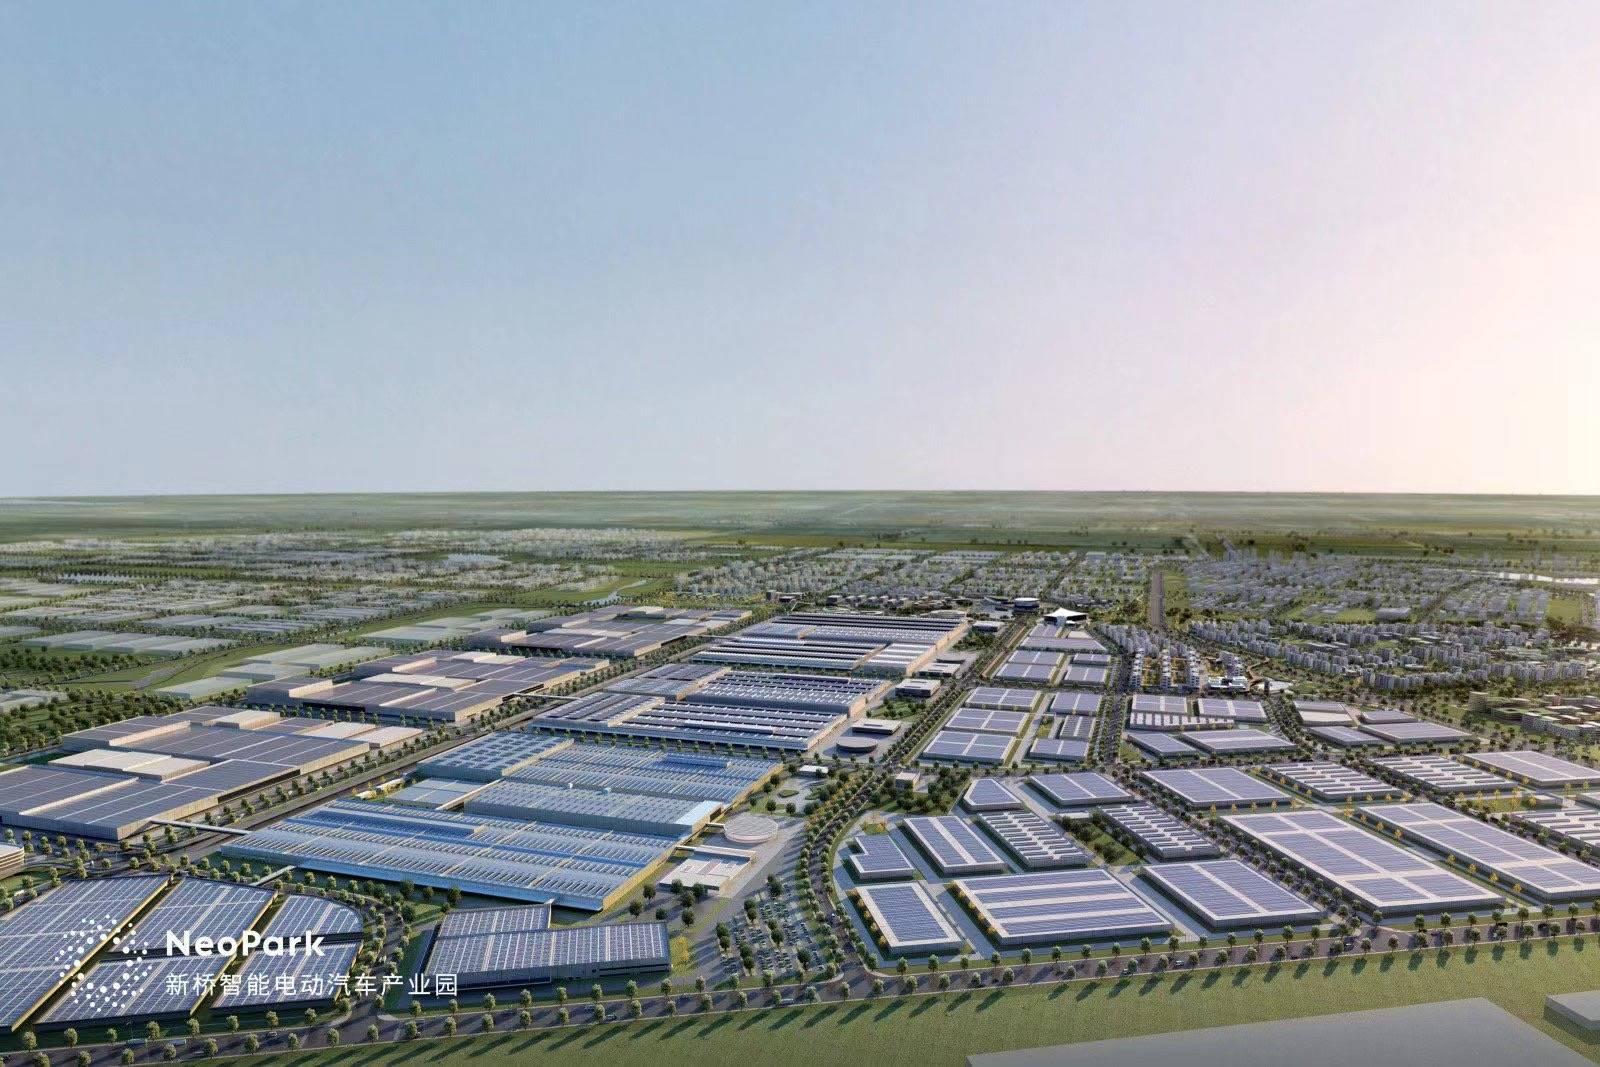 蔚来在合肥建NeoPark汽车产业园区 占地16950亩